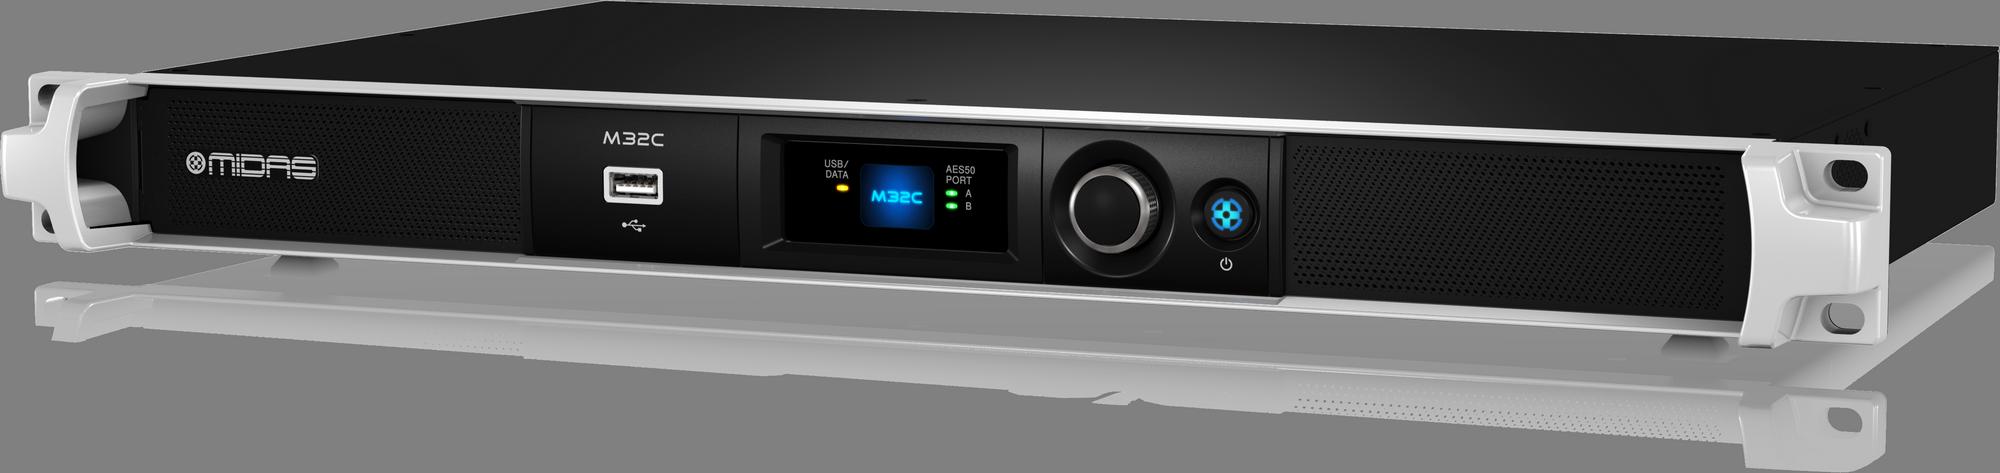 Midas M32C Midas Digitale 1HE rack mixer multi functioneel